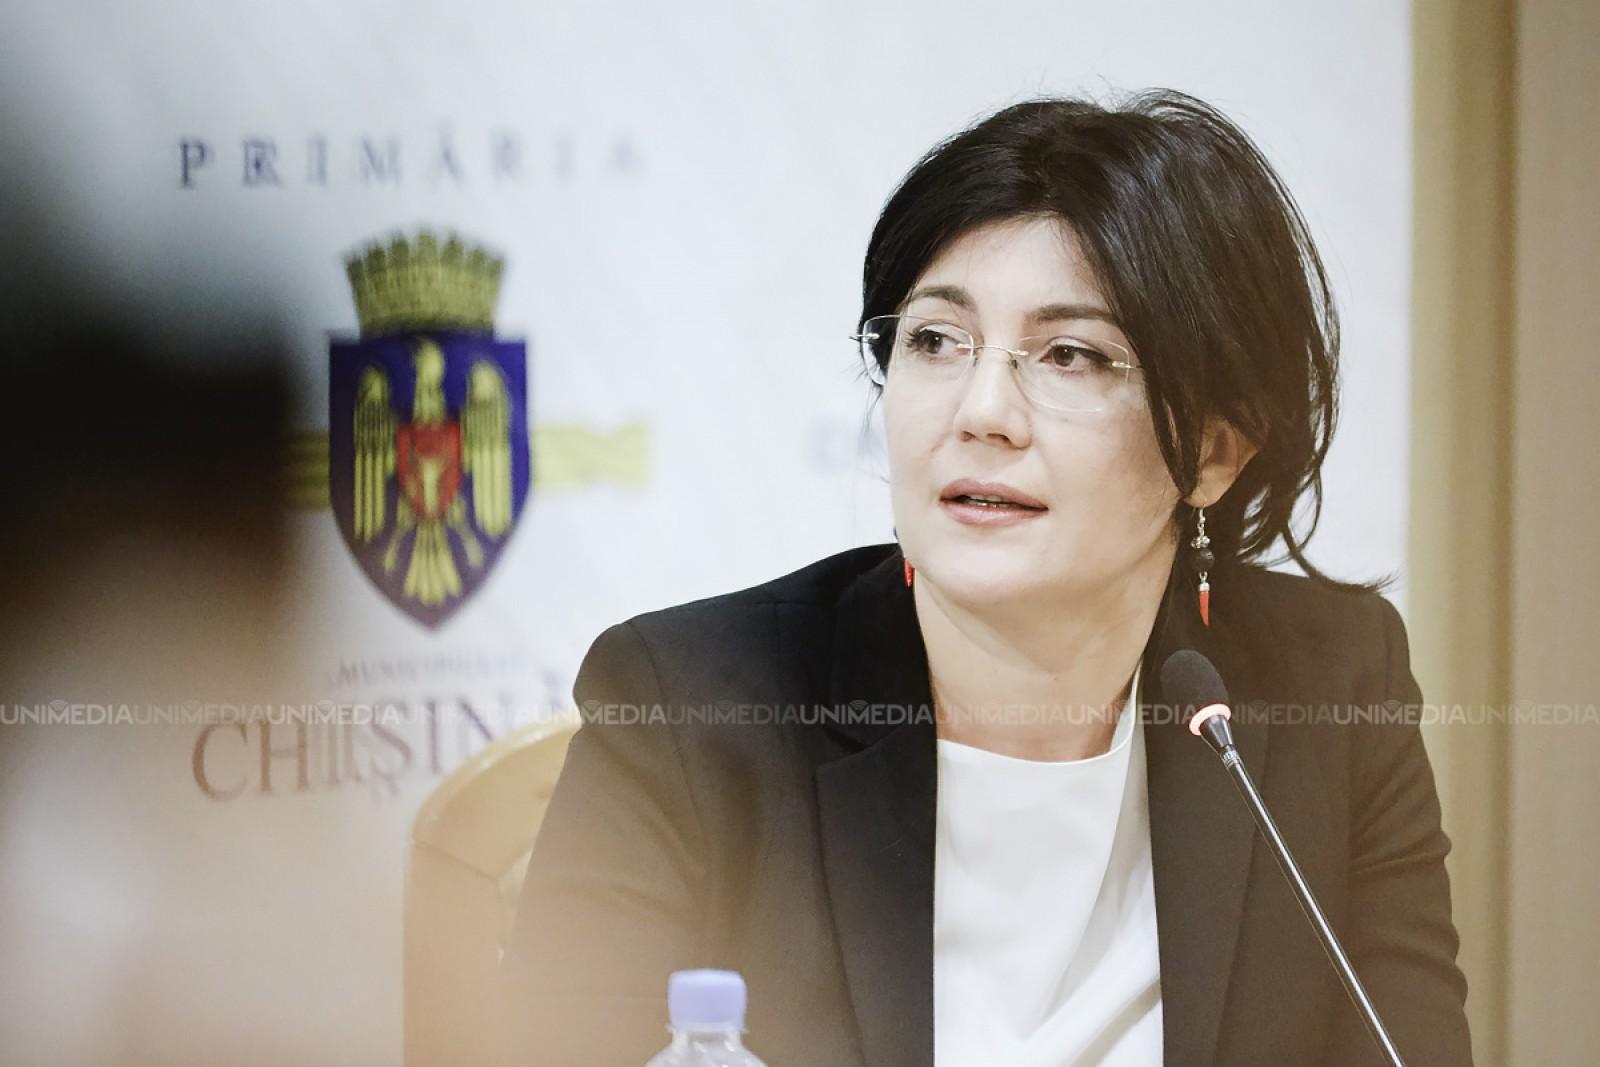 Ziarul de Gardă: Cât costă și cine finanțează campania electorală a Silviei Radu